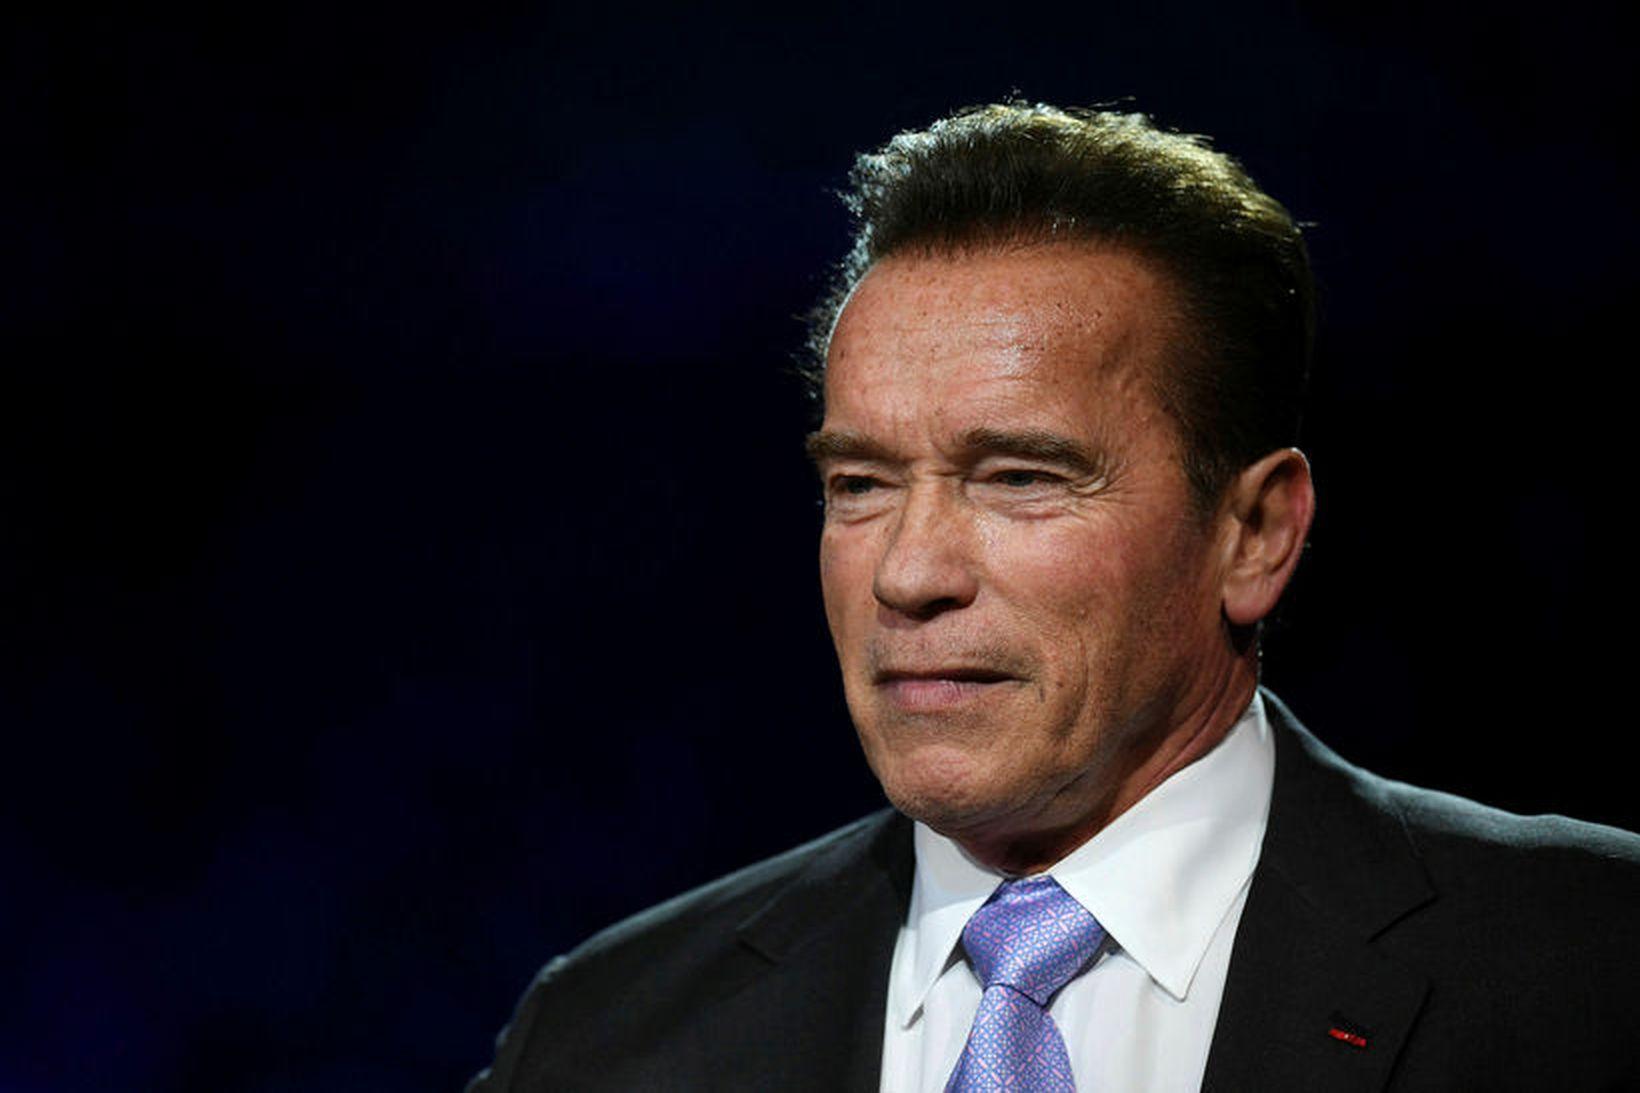 Arnold Schwarzenegger segir að tækifæri felist í uppbyggingu í kjölfar …